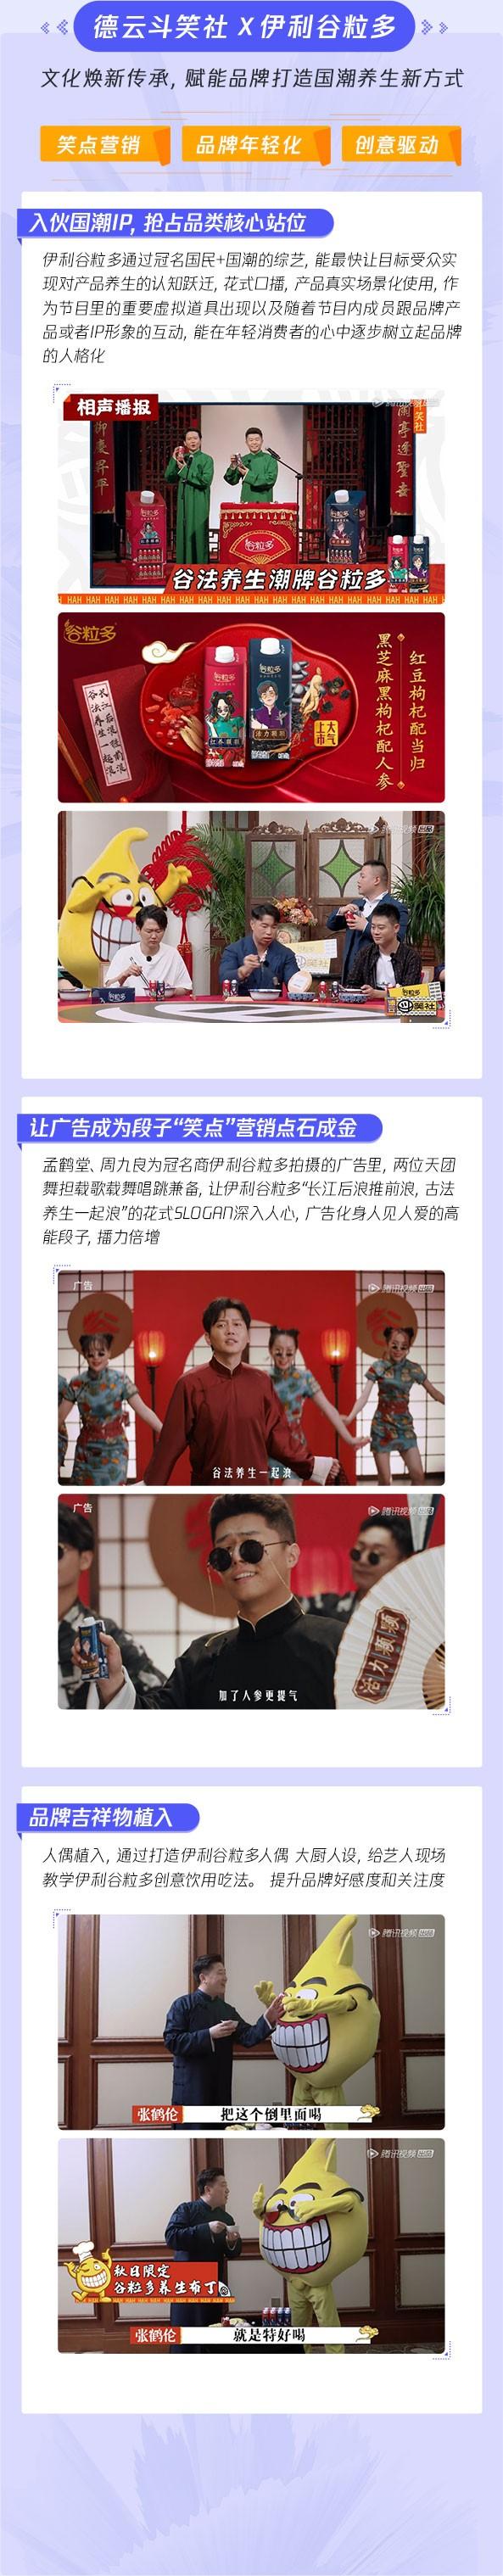 综艺08-德云斗笑社x伊利谷粒多.jpg